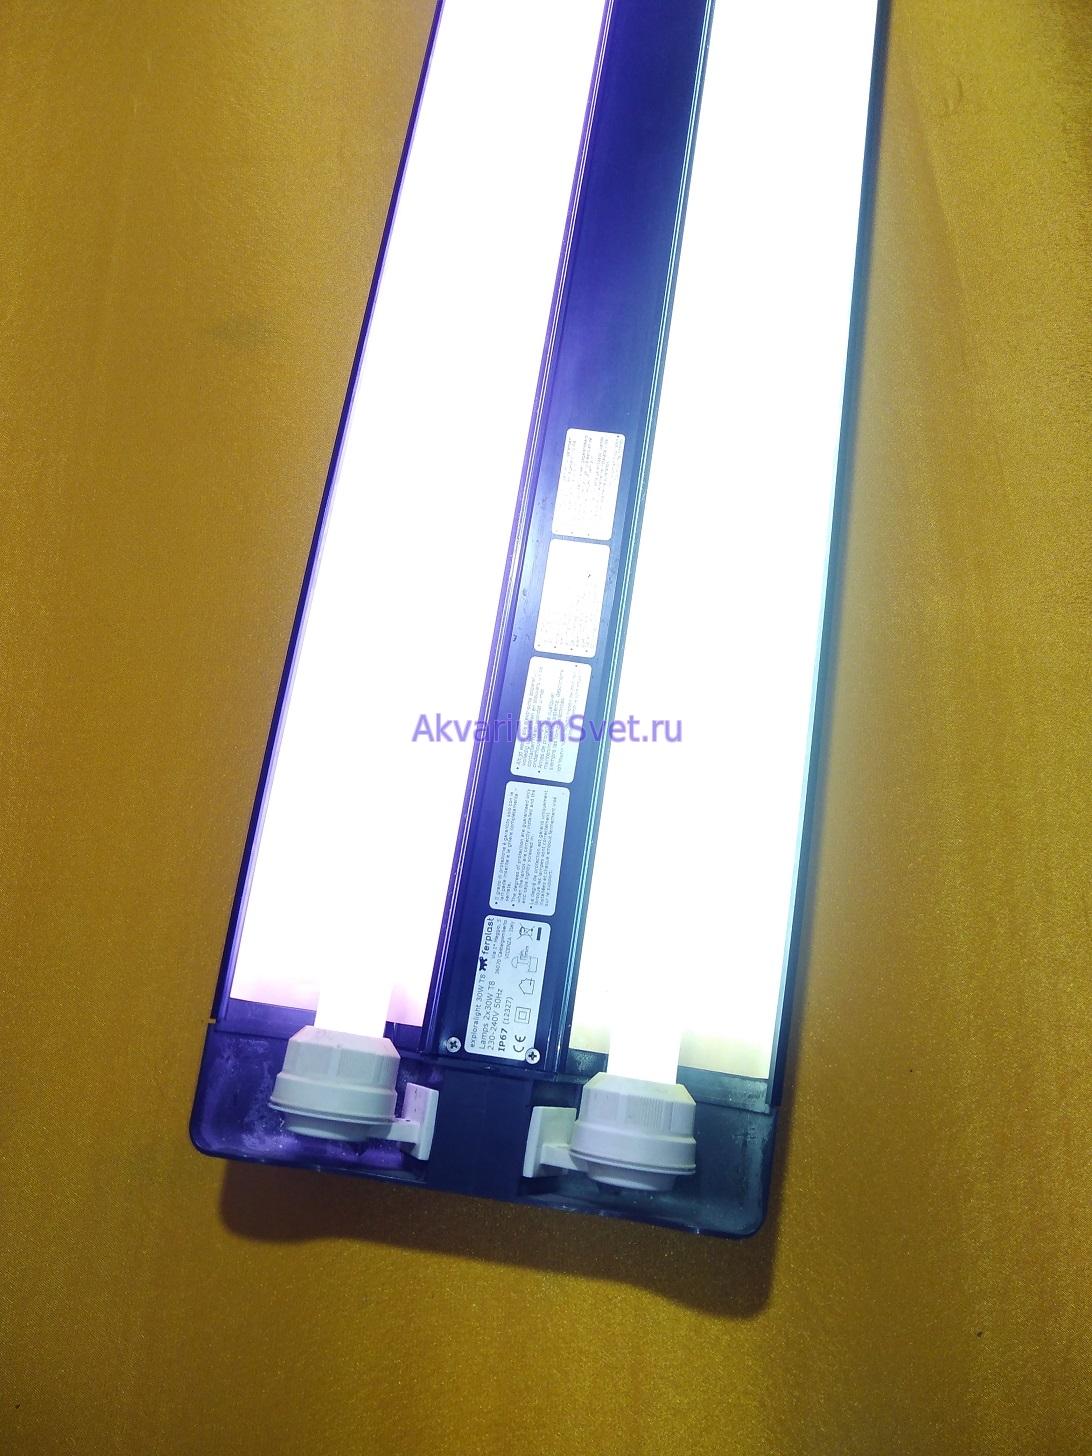 Отремонтированный аквариумный светильник Ferplast Exploralight 2x30W Т8.